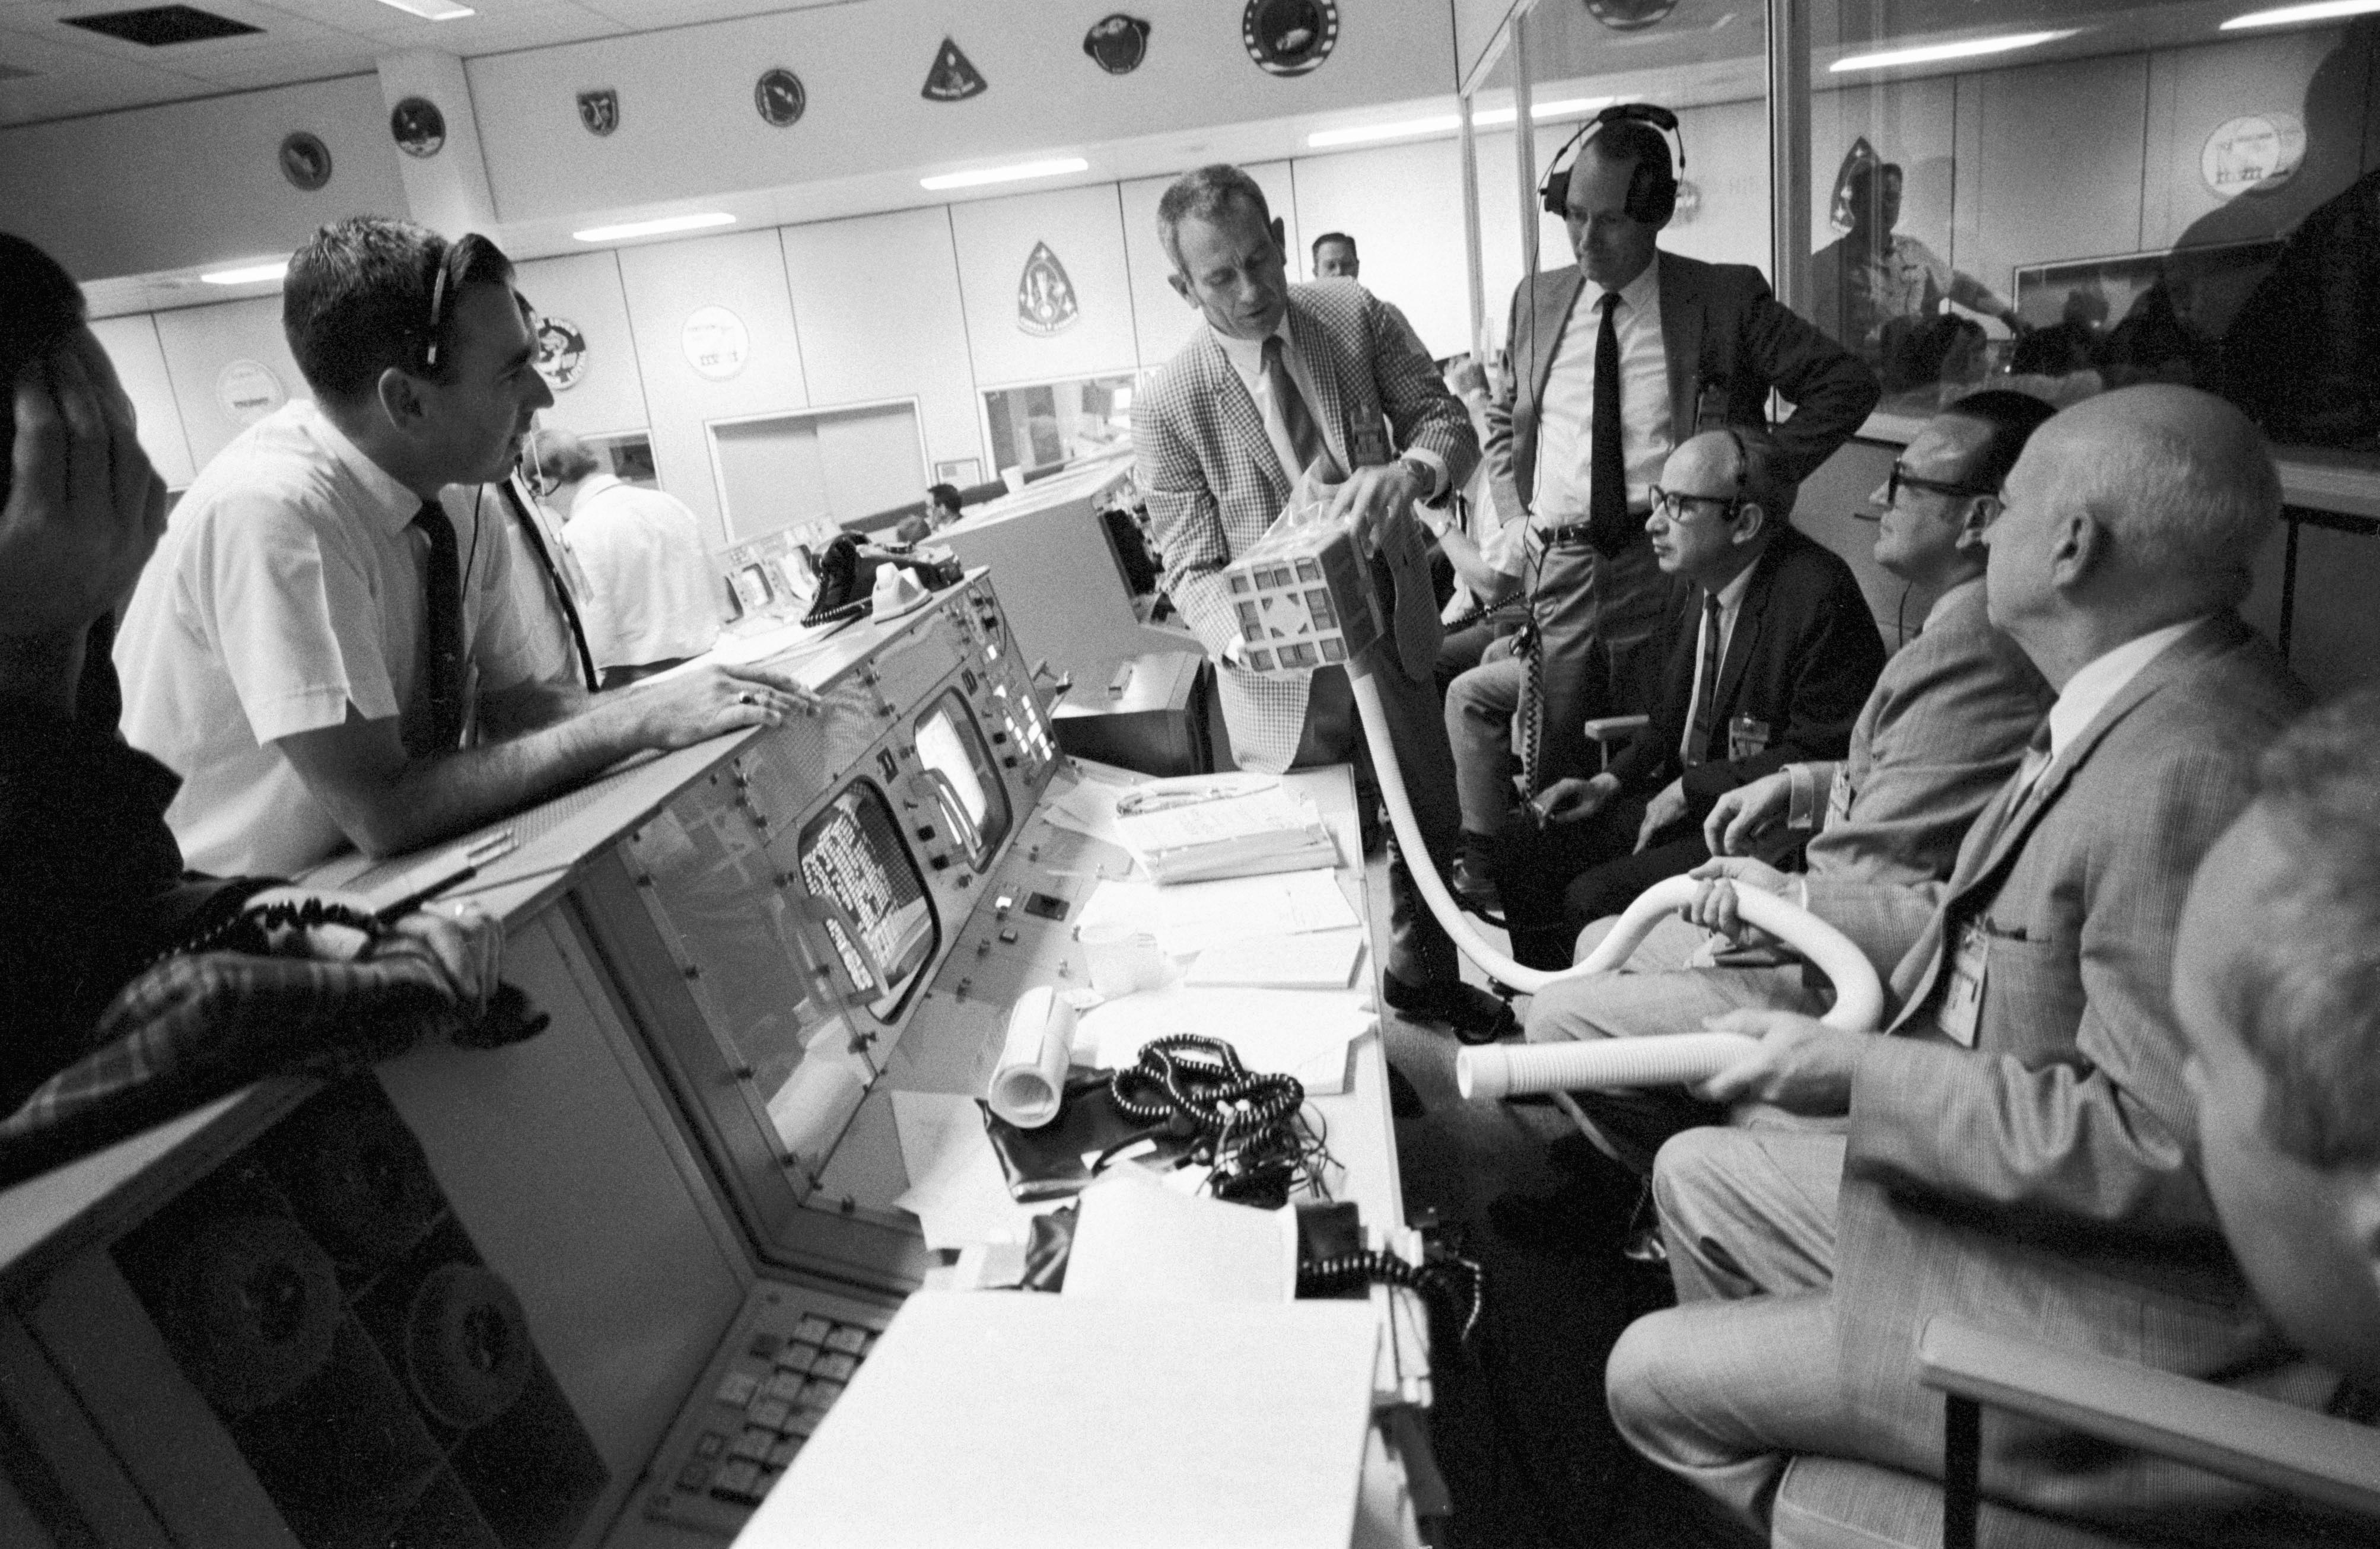 Apollo_13_Mailbox_at_Mission_Control